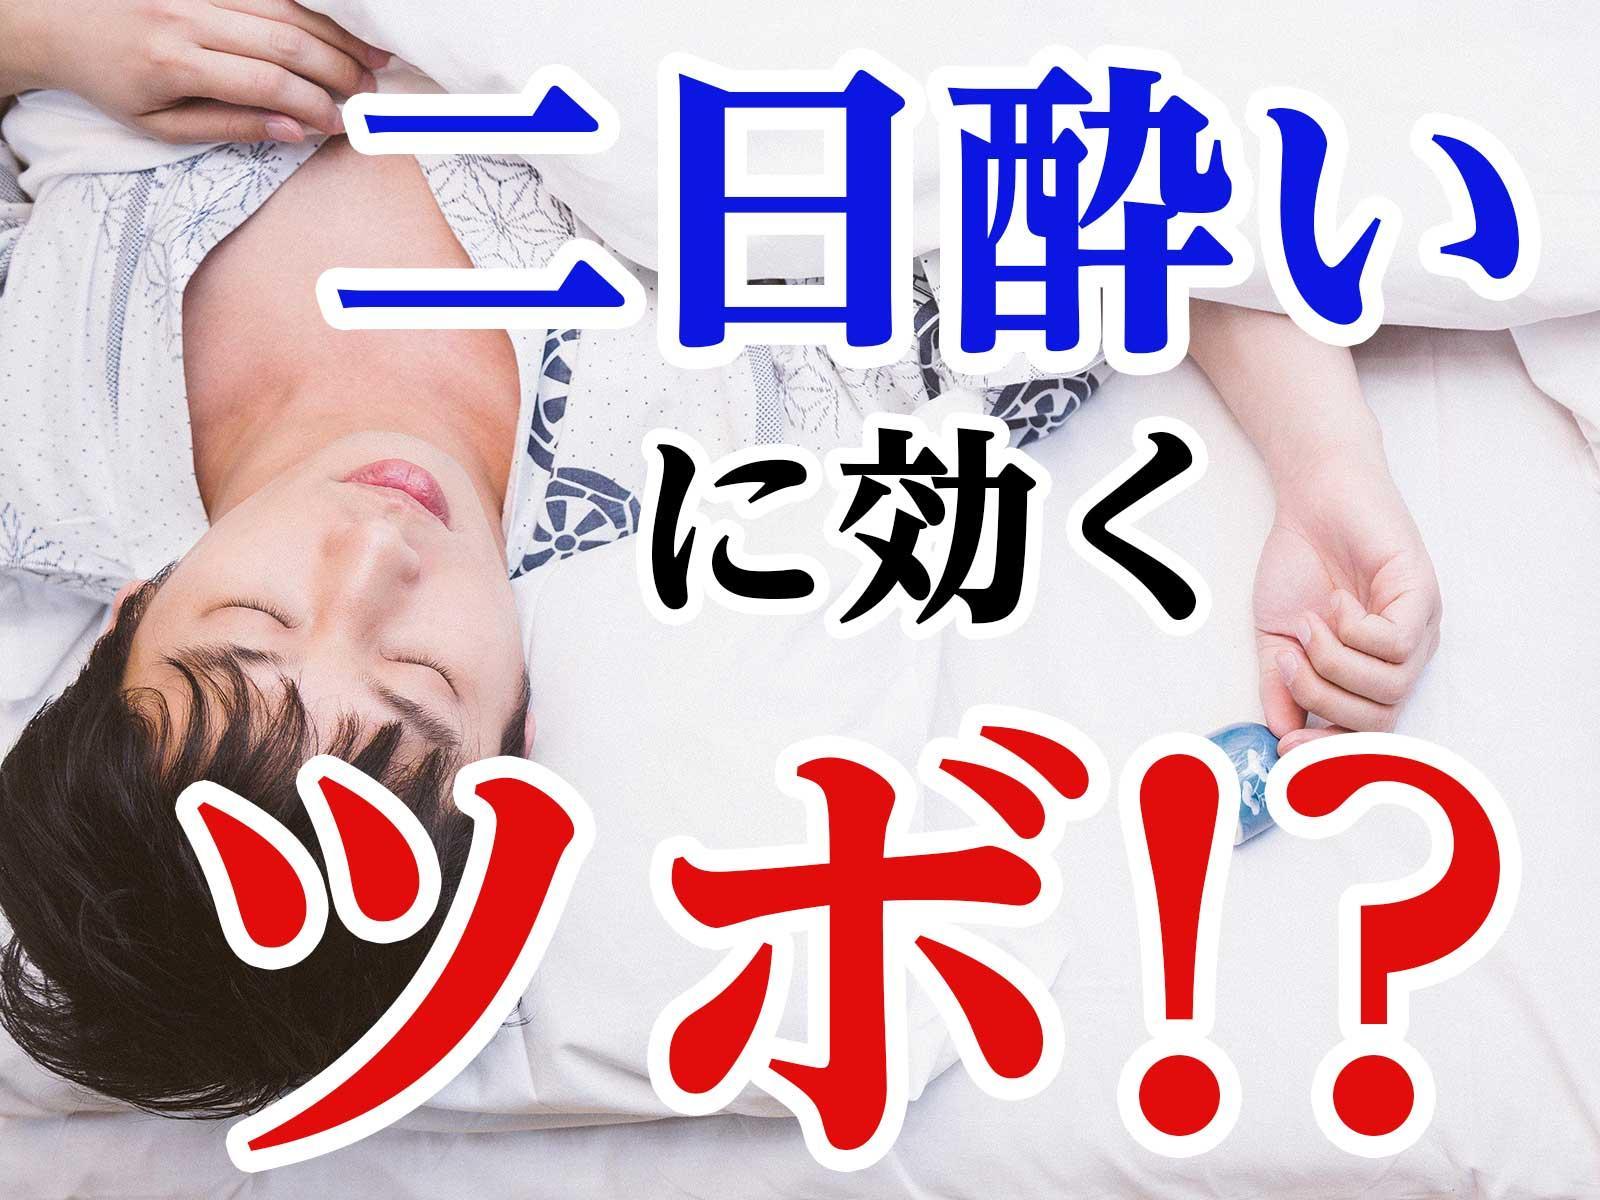 二日酔いに効くツボ!?飲み過ぎ翌日の解消法|町田deマッサージ!